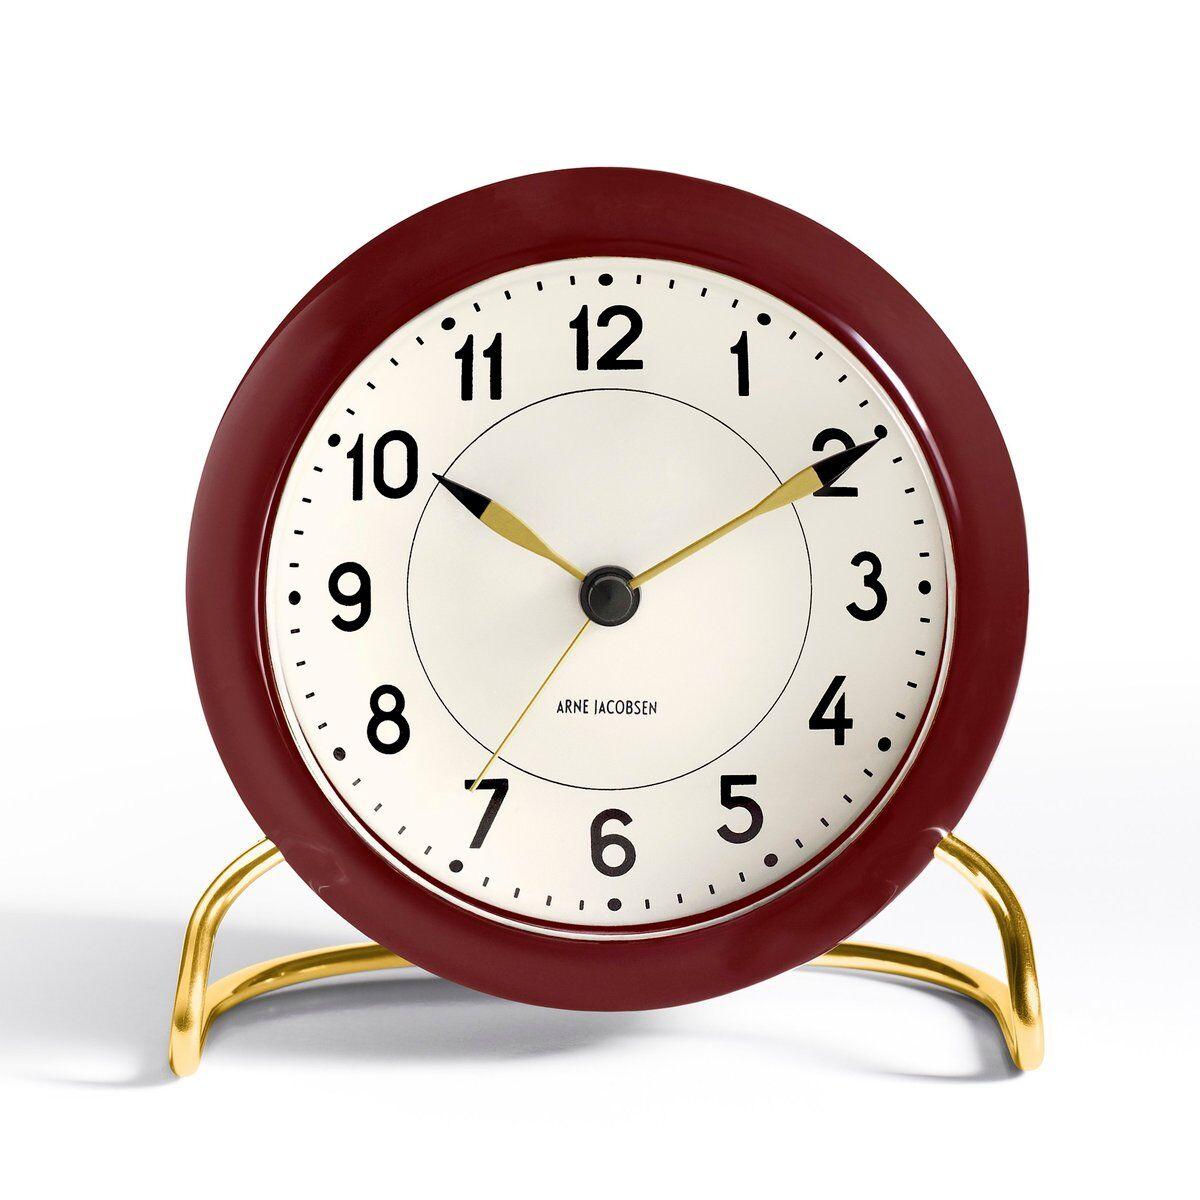 Arne Jacobsen Clocks AJ Station bordur vinrødt vinrød